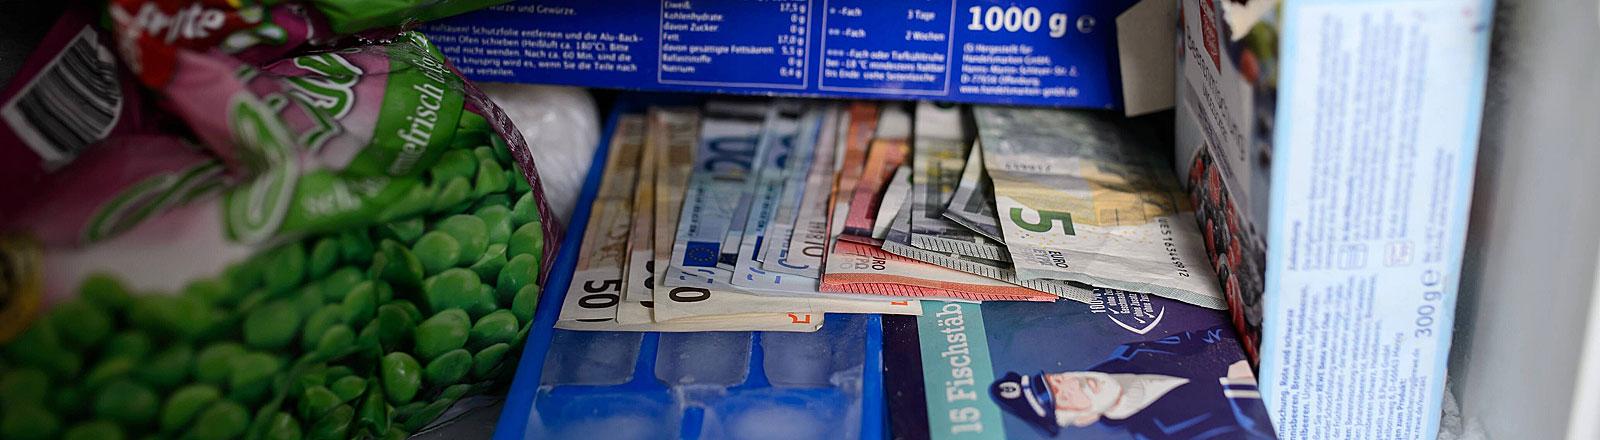 Geld im Tiefkühlfach